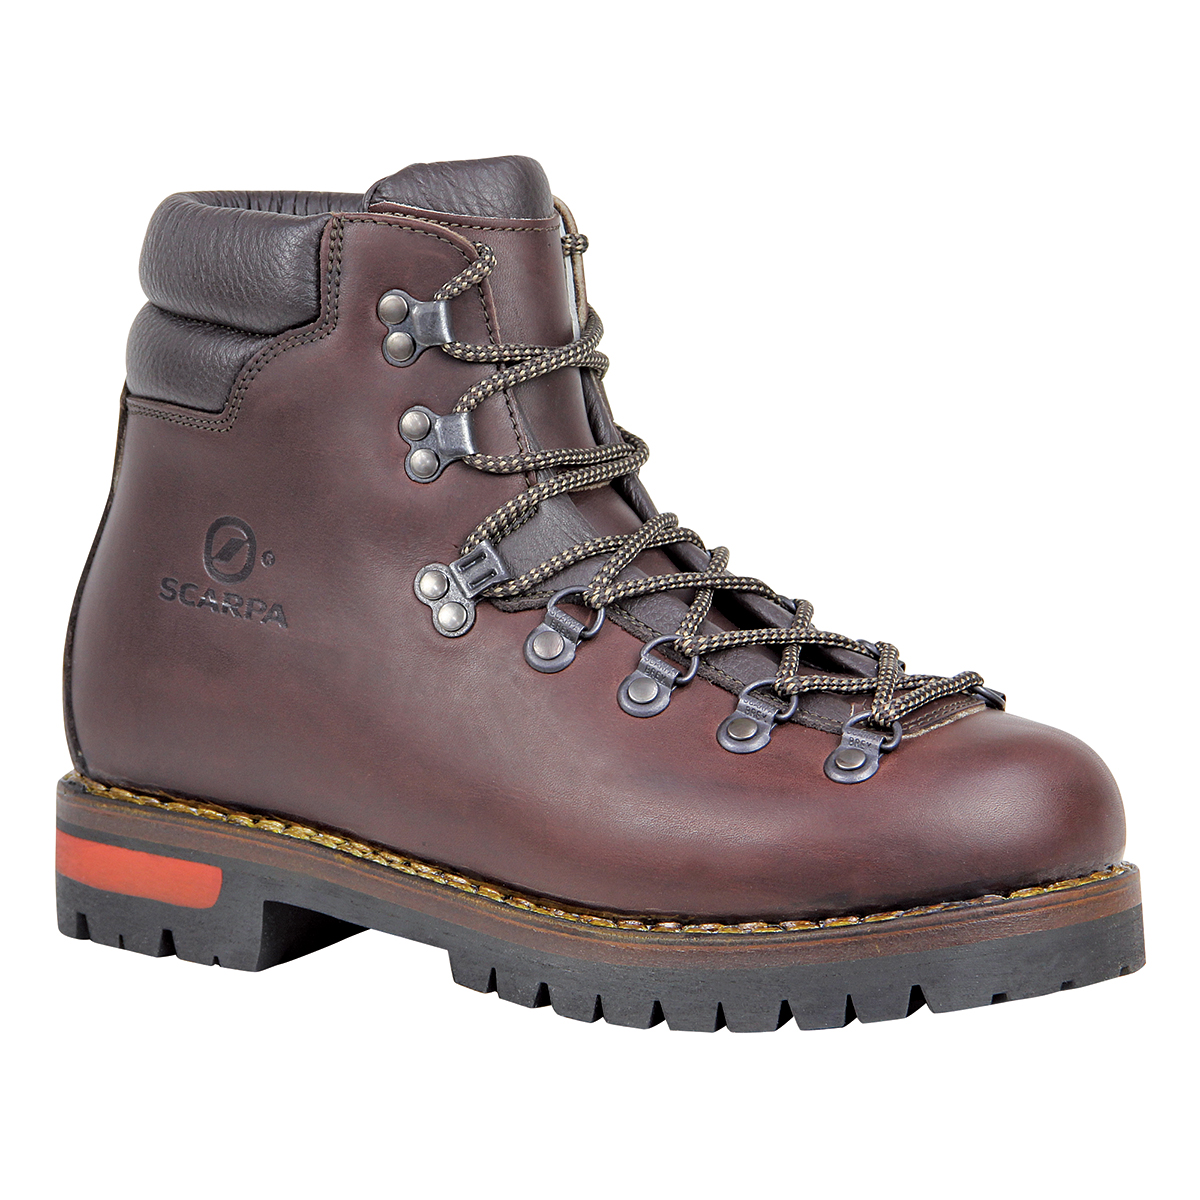 登山靴【SCARPA スカルパ シェルパ】送料無料 SC22110